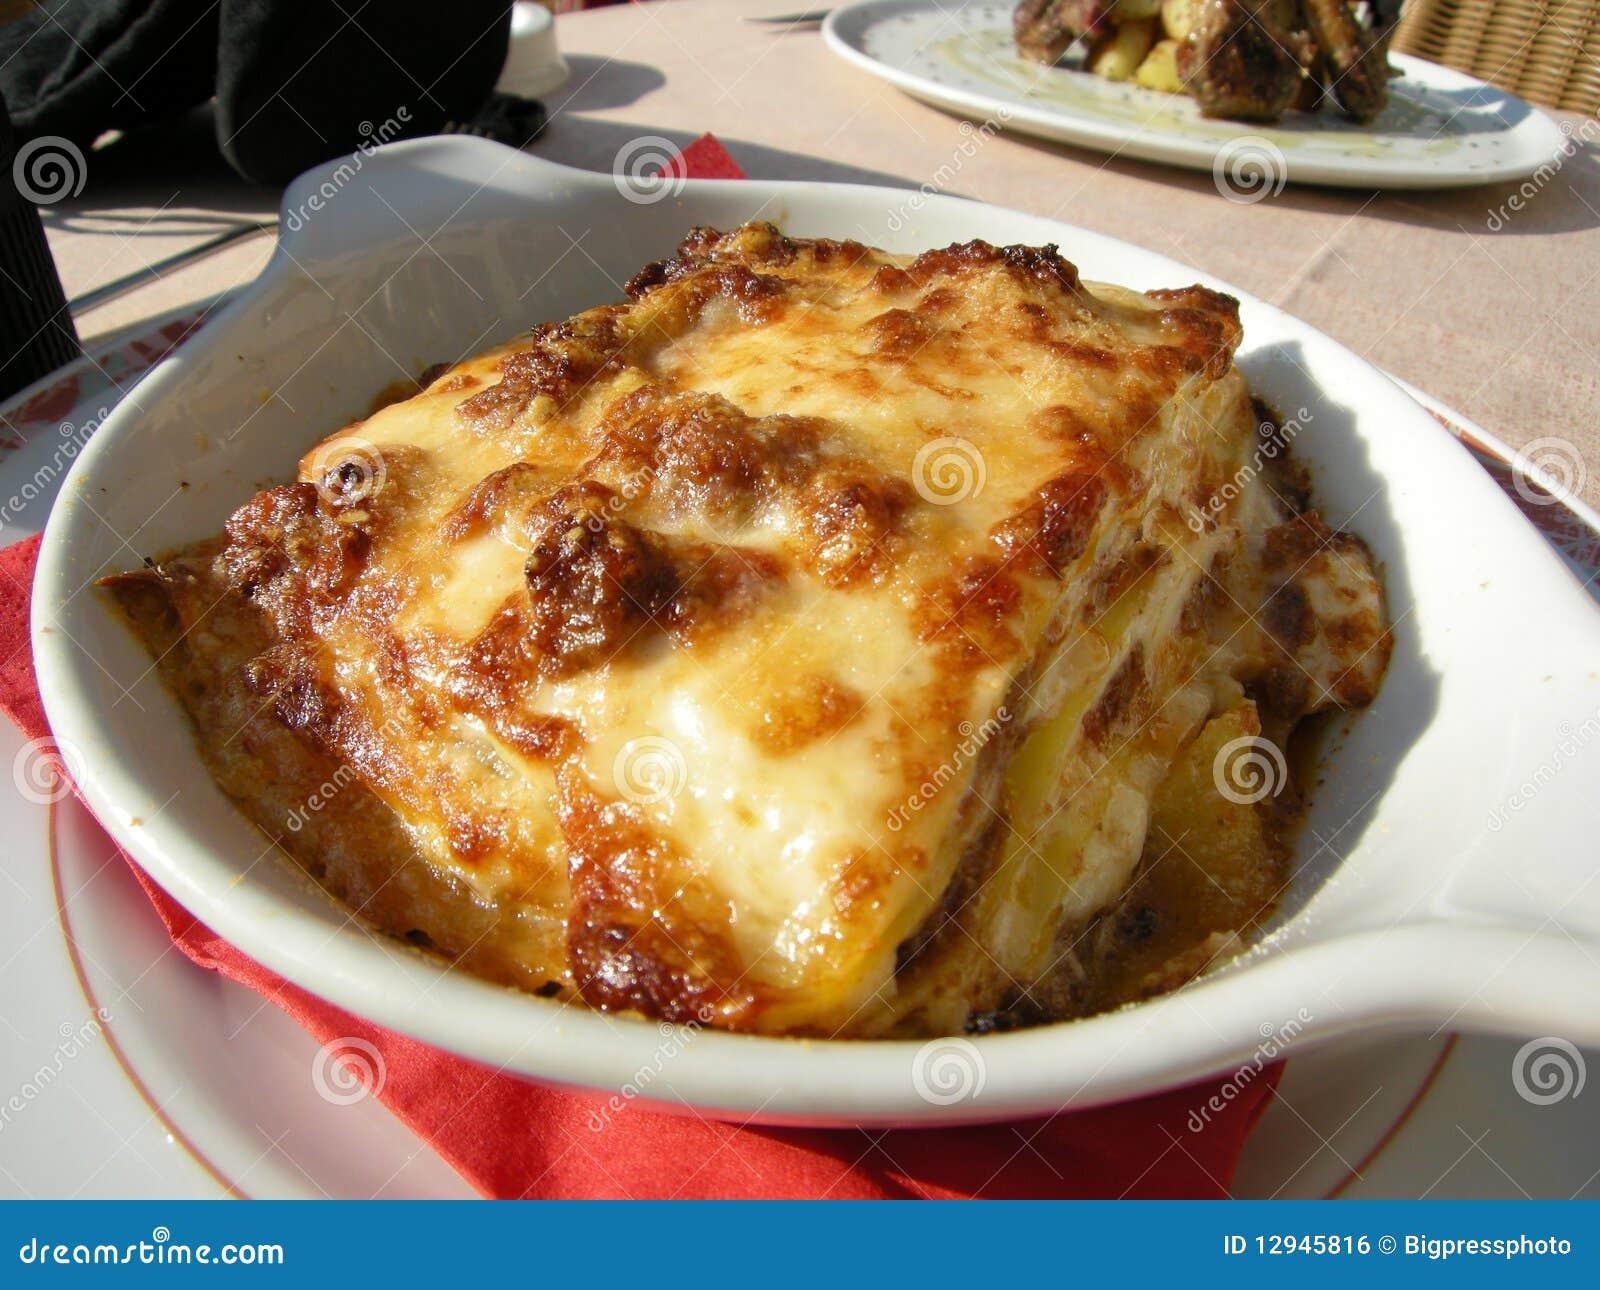 Delicious Lasagne food in Italy